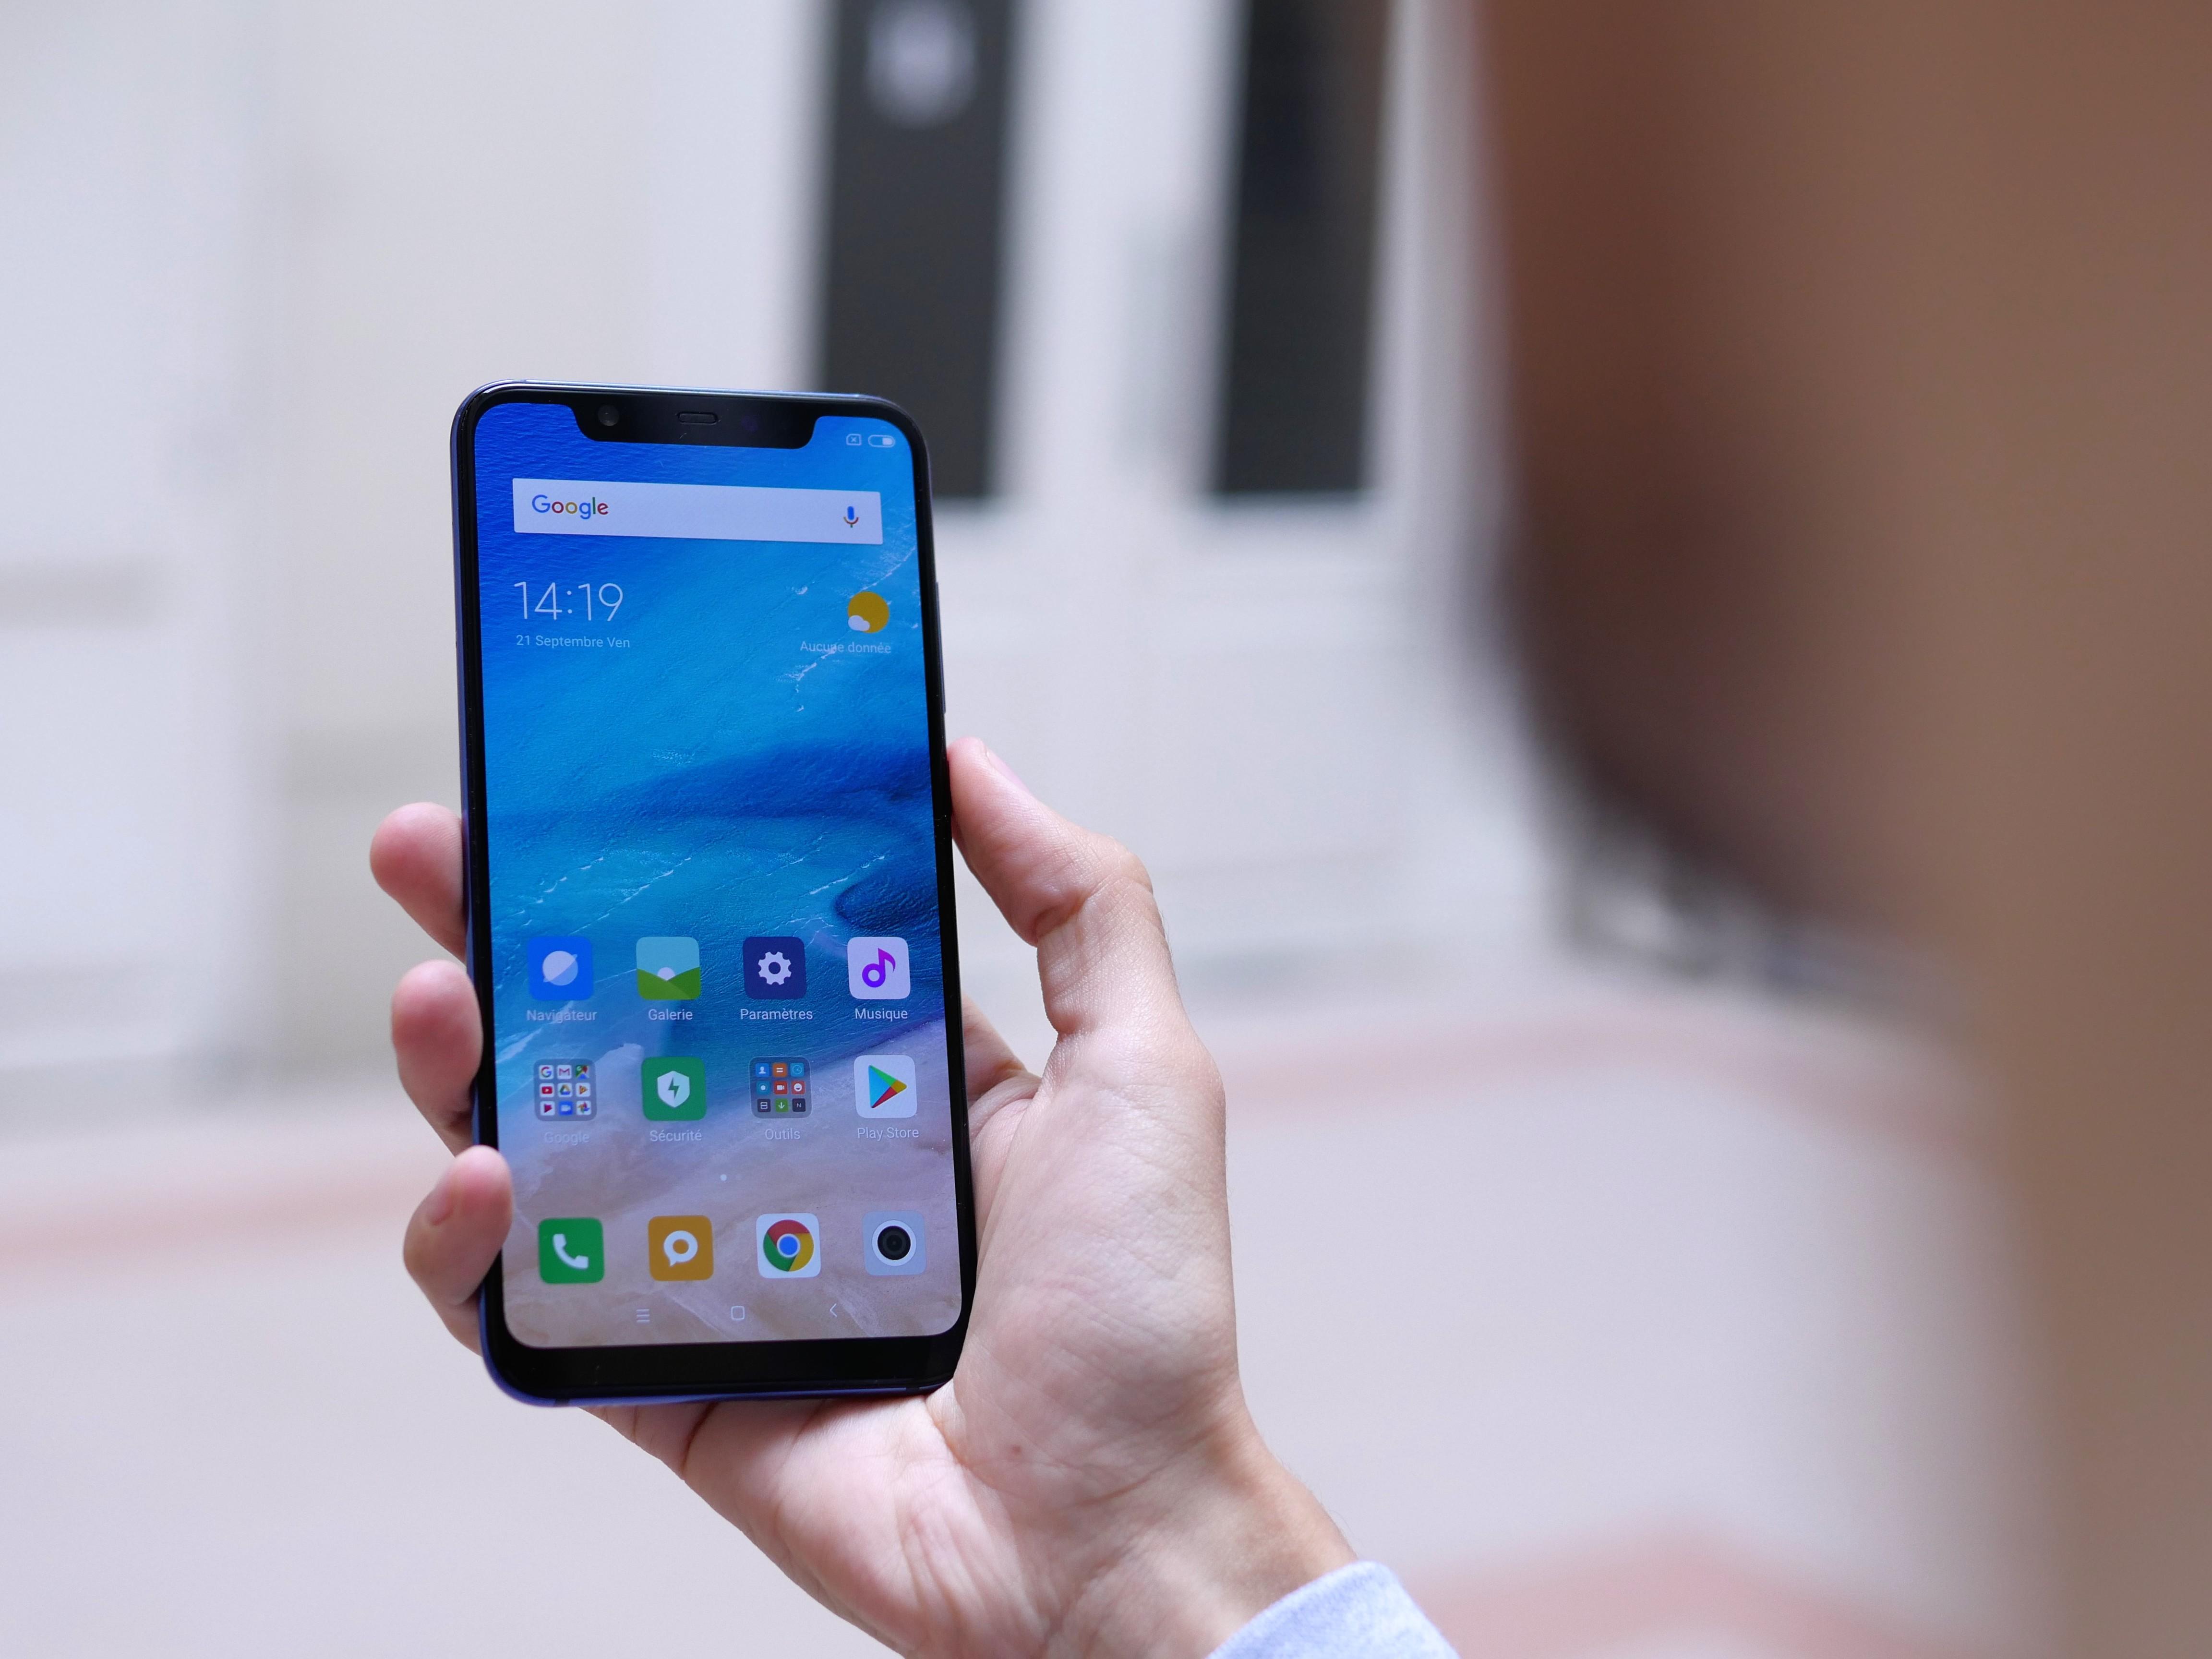 Mises à jour : Xiaomi dévoile son planning pour Android Oreo